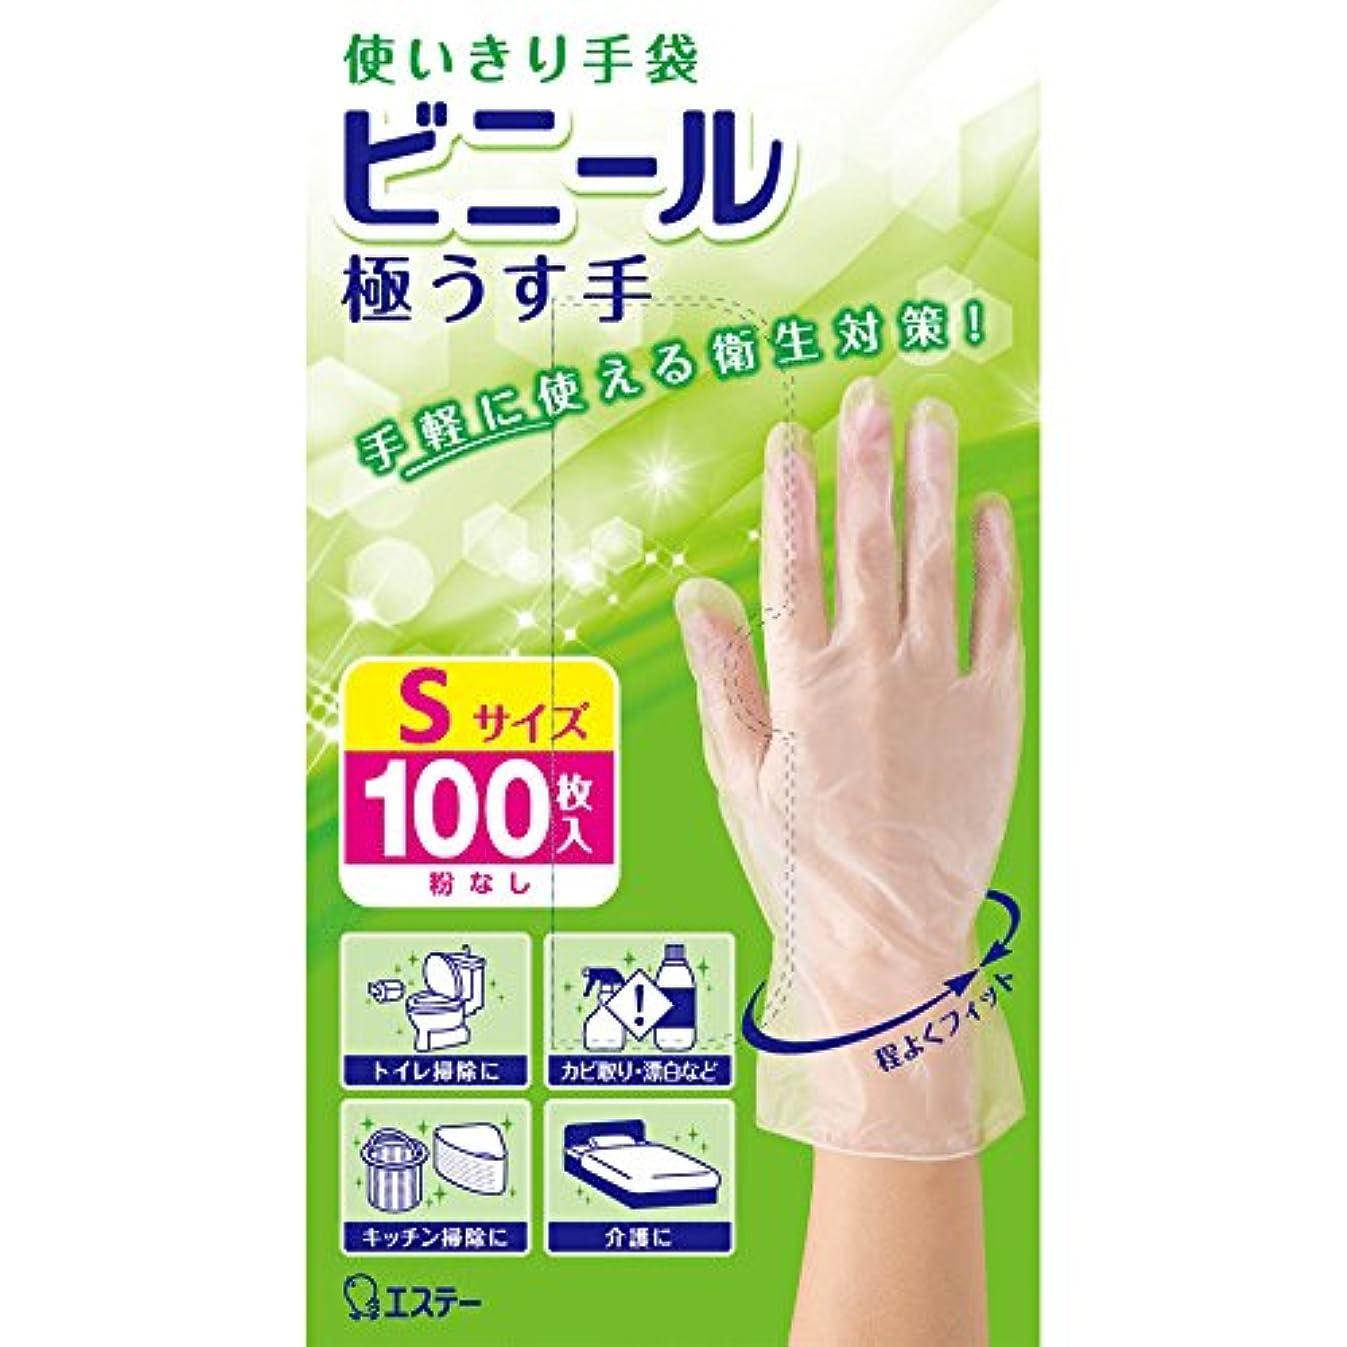 疎外する病気だと思うマーケティング使いきり手袋 ビニール 極うす手 炊事?掃除用 Sサイズ 半透明 100枚